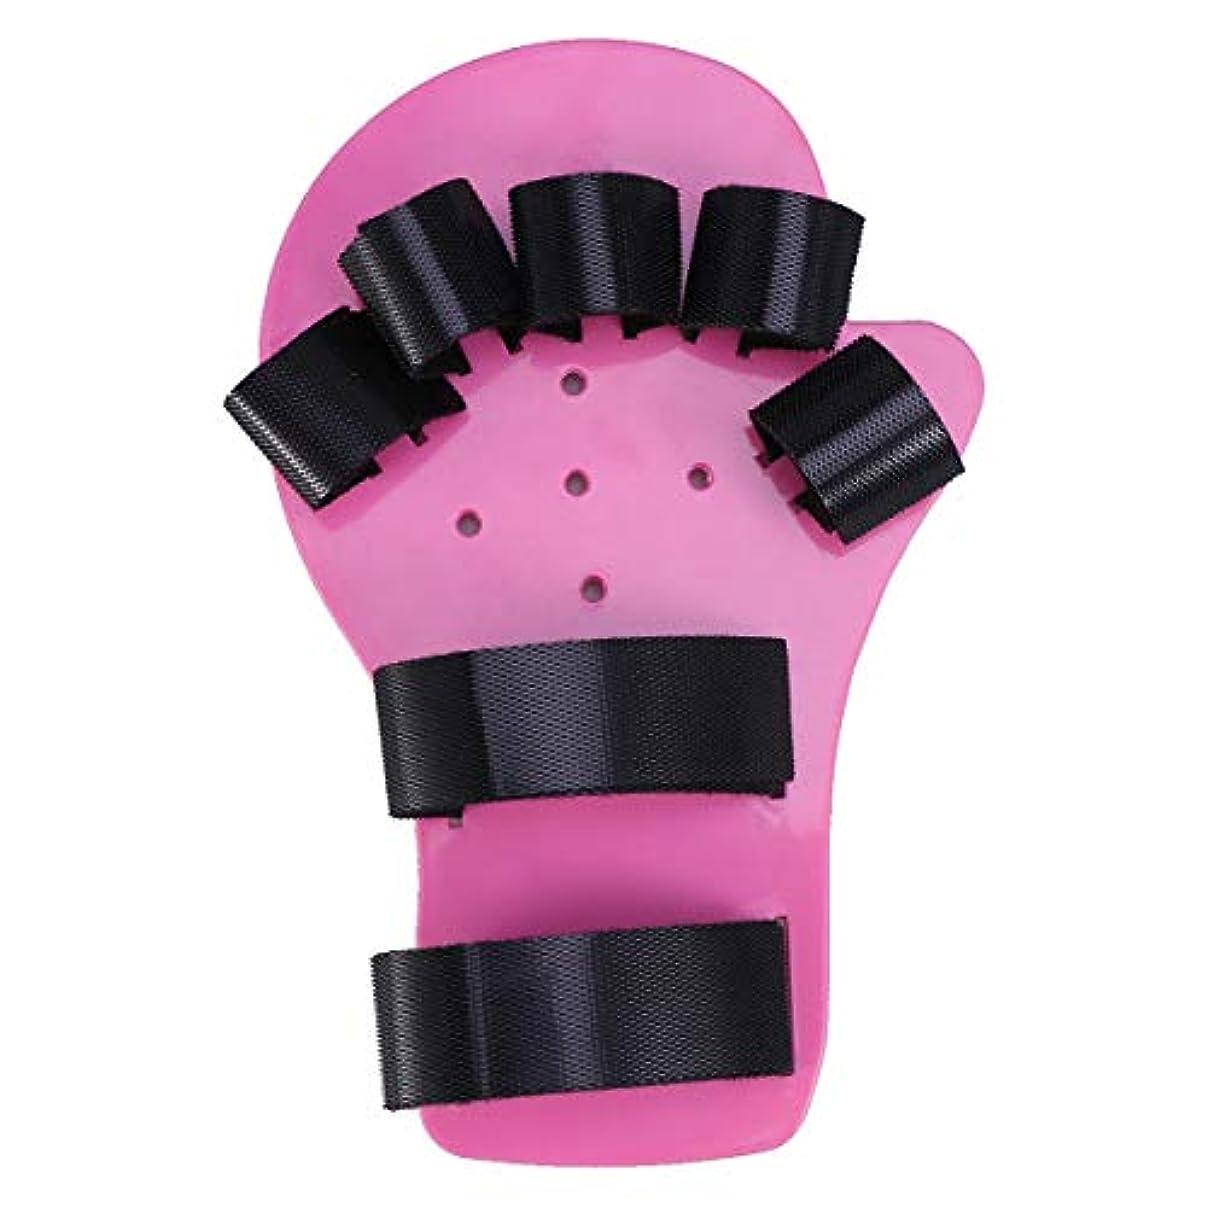 冬残るトレイHealifty 指矯正指板ストロークハンドスプリントトレーニングサポート手首トレーニング装具子供用子供子供1-5歳(ロングスタイル、ピンク)